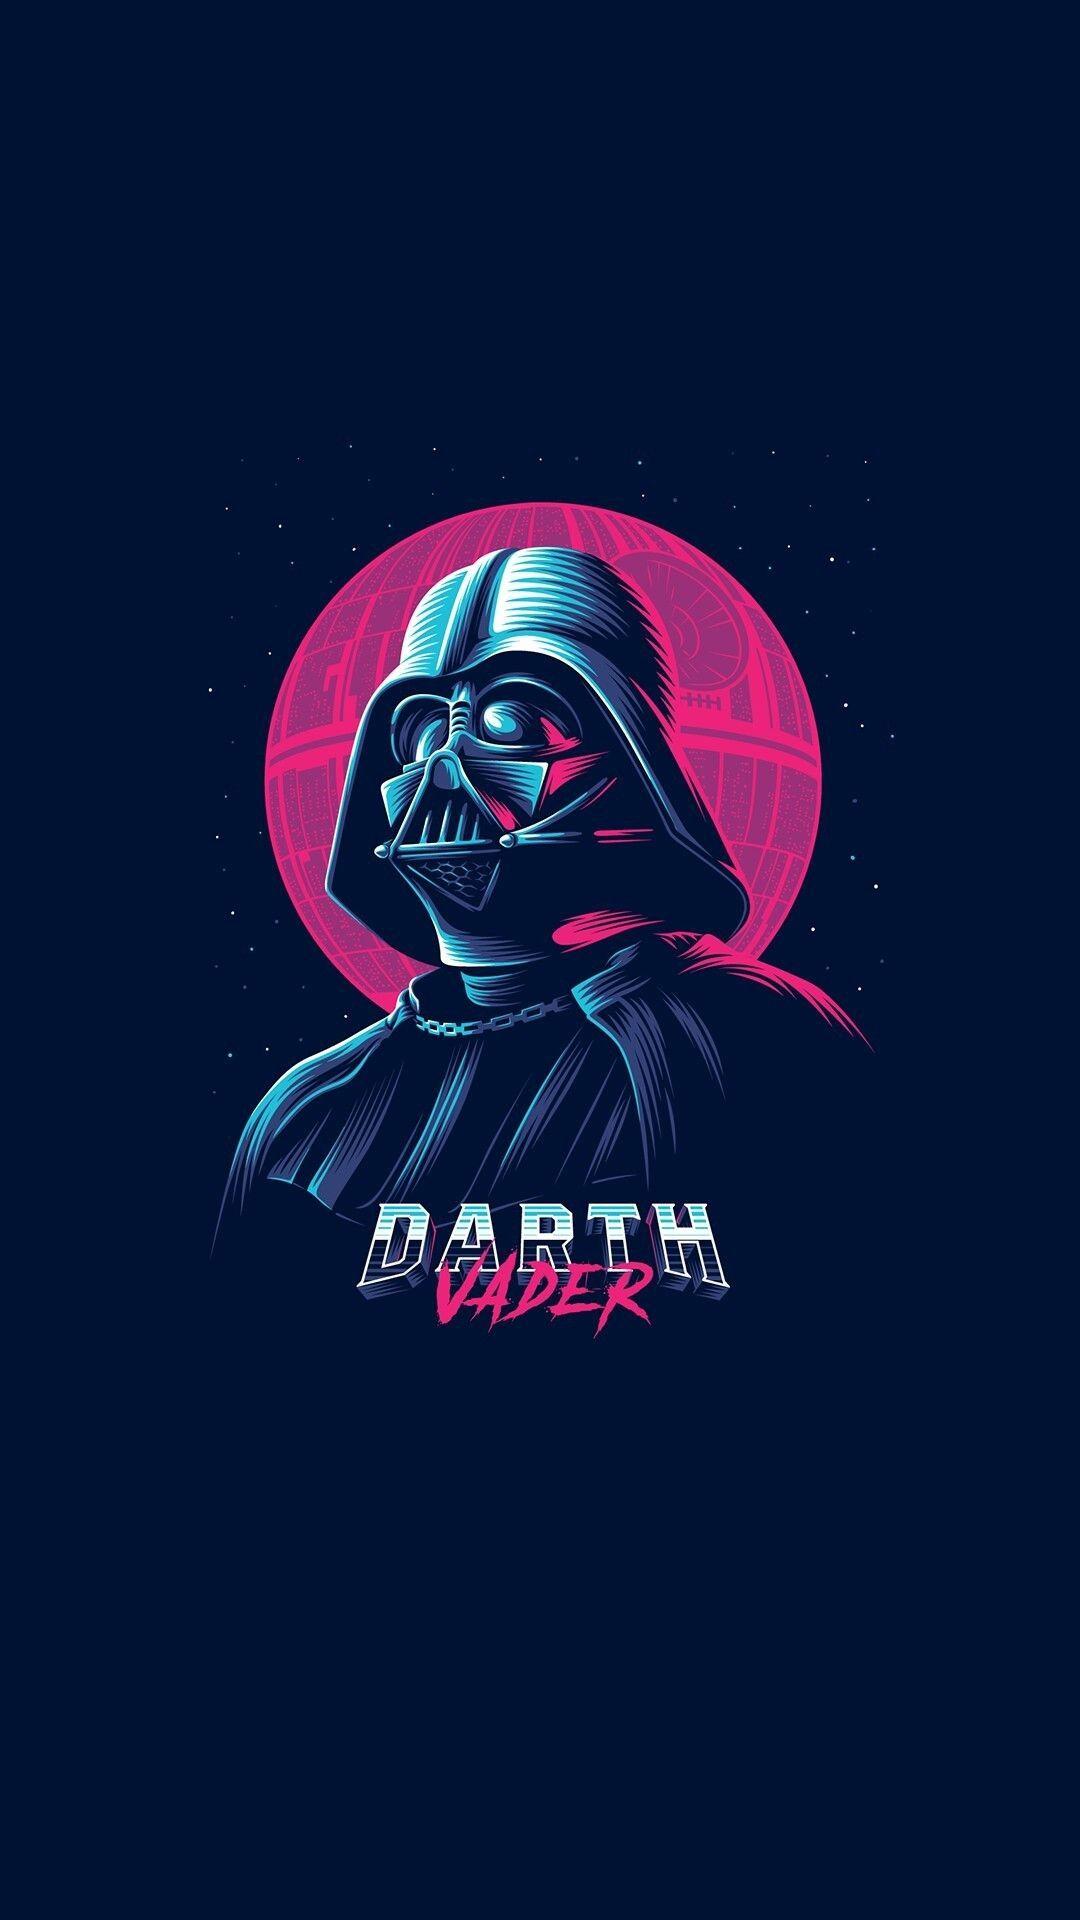 Pin By Gamer Tk On Fond Decran Star Wars Background Star Wars Wallpaper Darth Vader Wallpaper